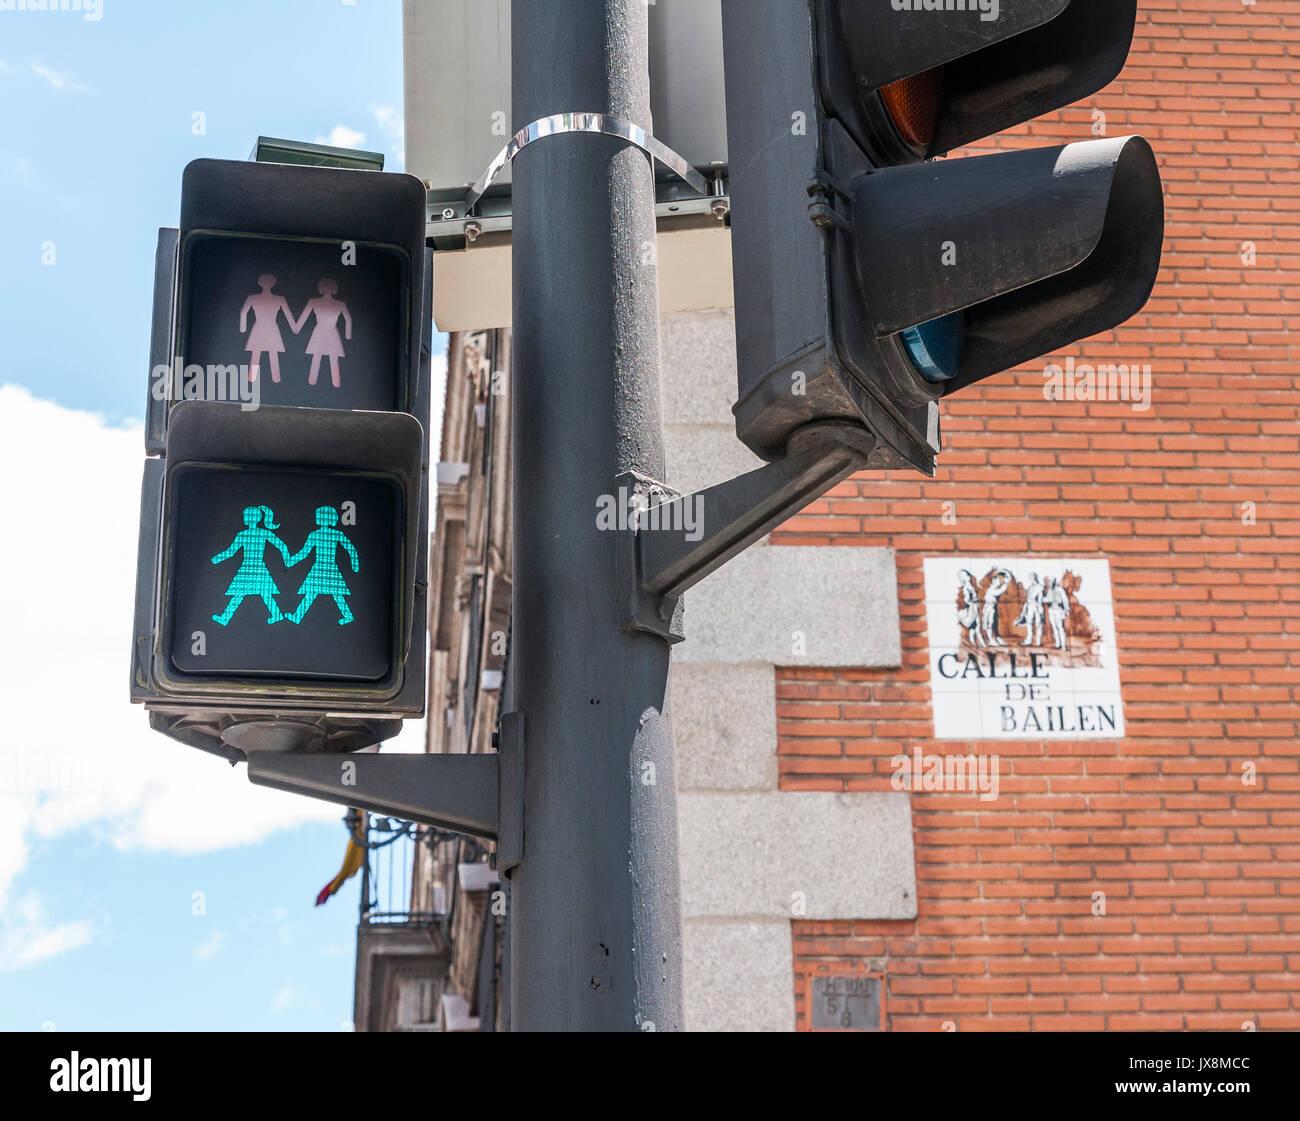 Semáforos lgtbi en la calle Bailén. Madrid. España - Stock Image